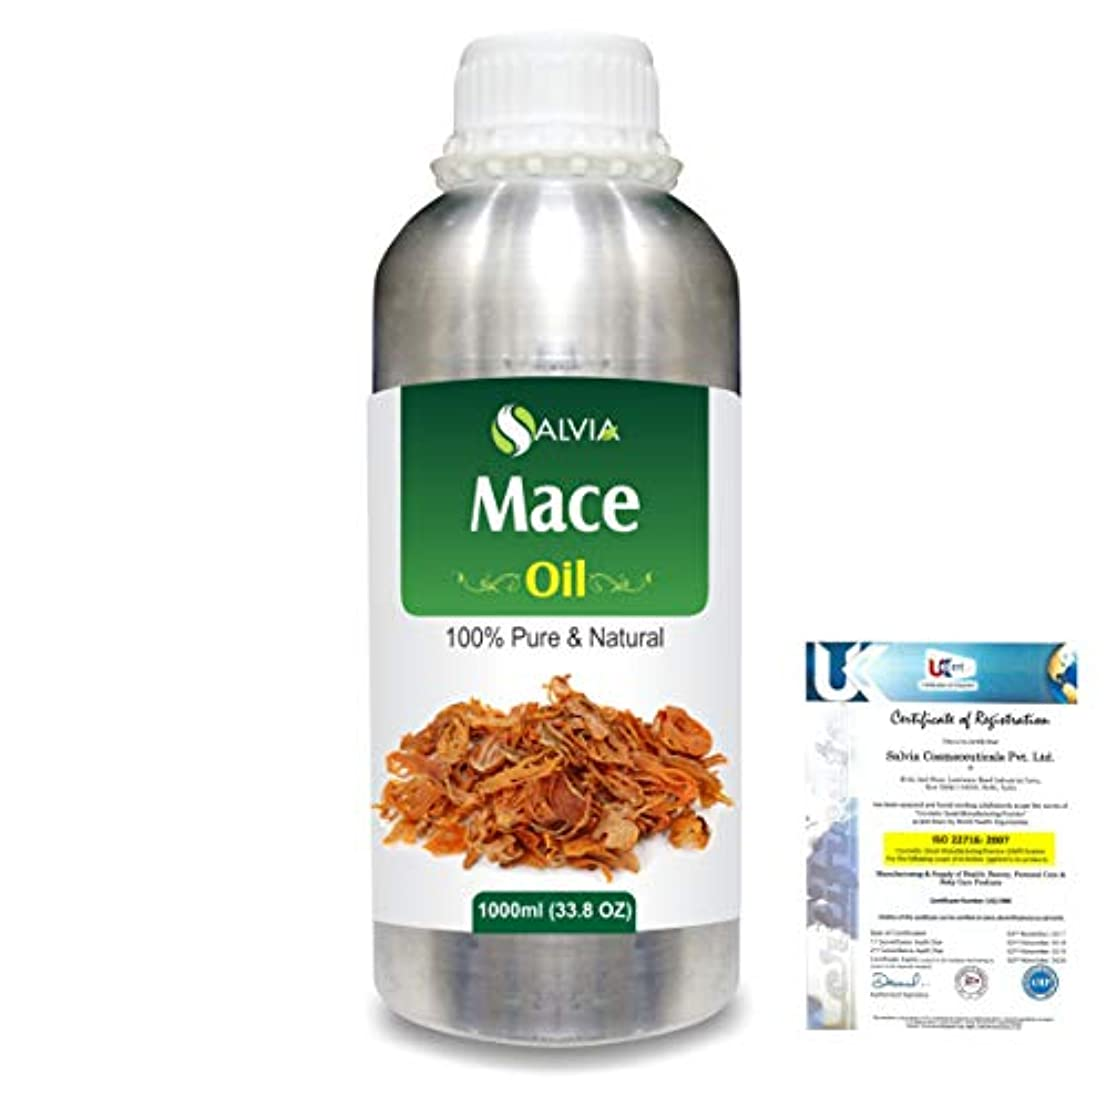 夕食を作る軍隊ディレクターMace (Myristica fragrans) 100% Natural Pure Essential Oil 1000ml/33.8fl.oz.